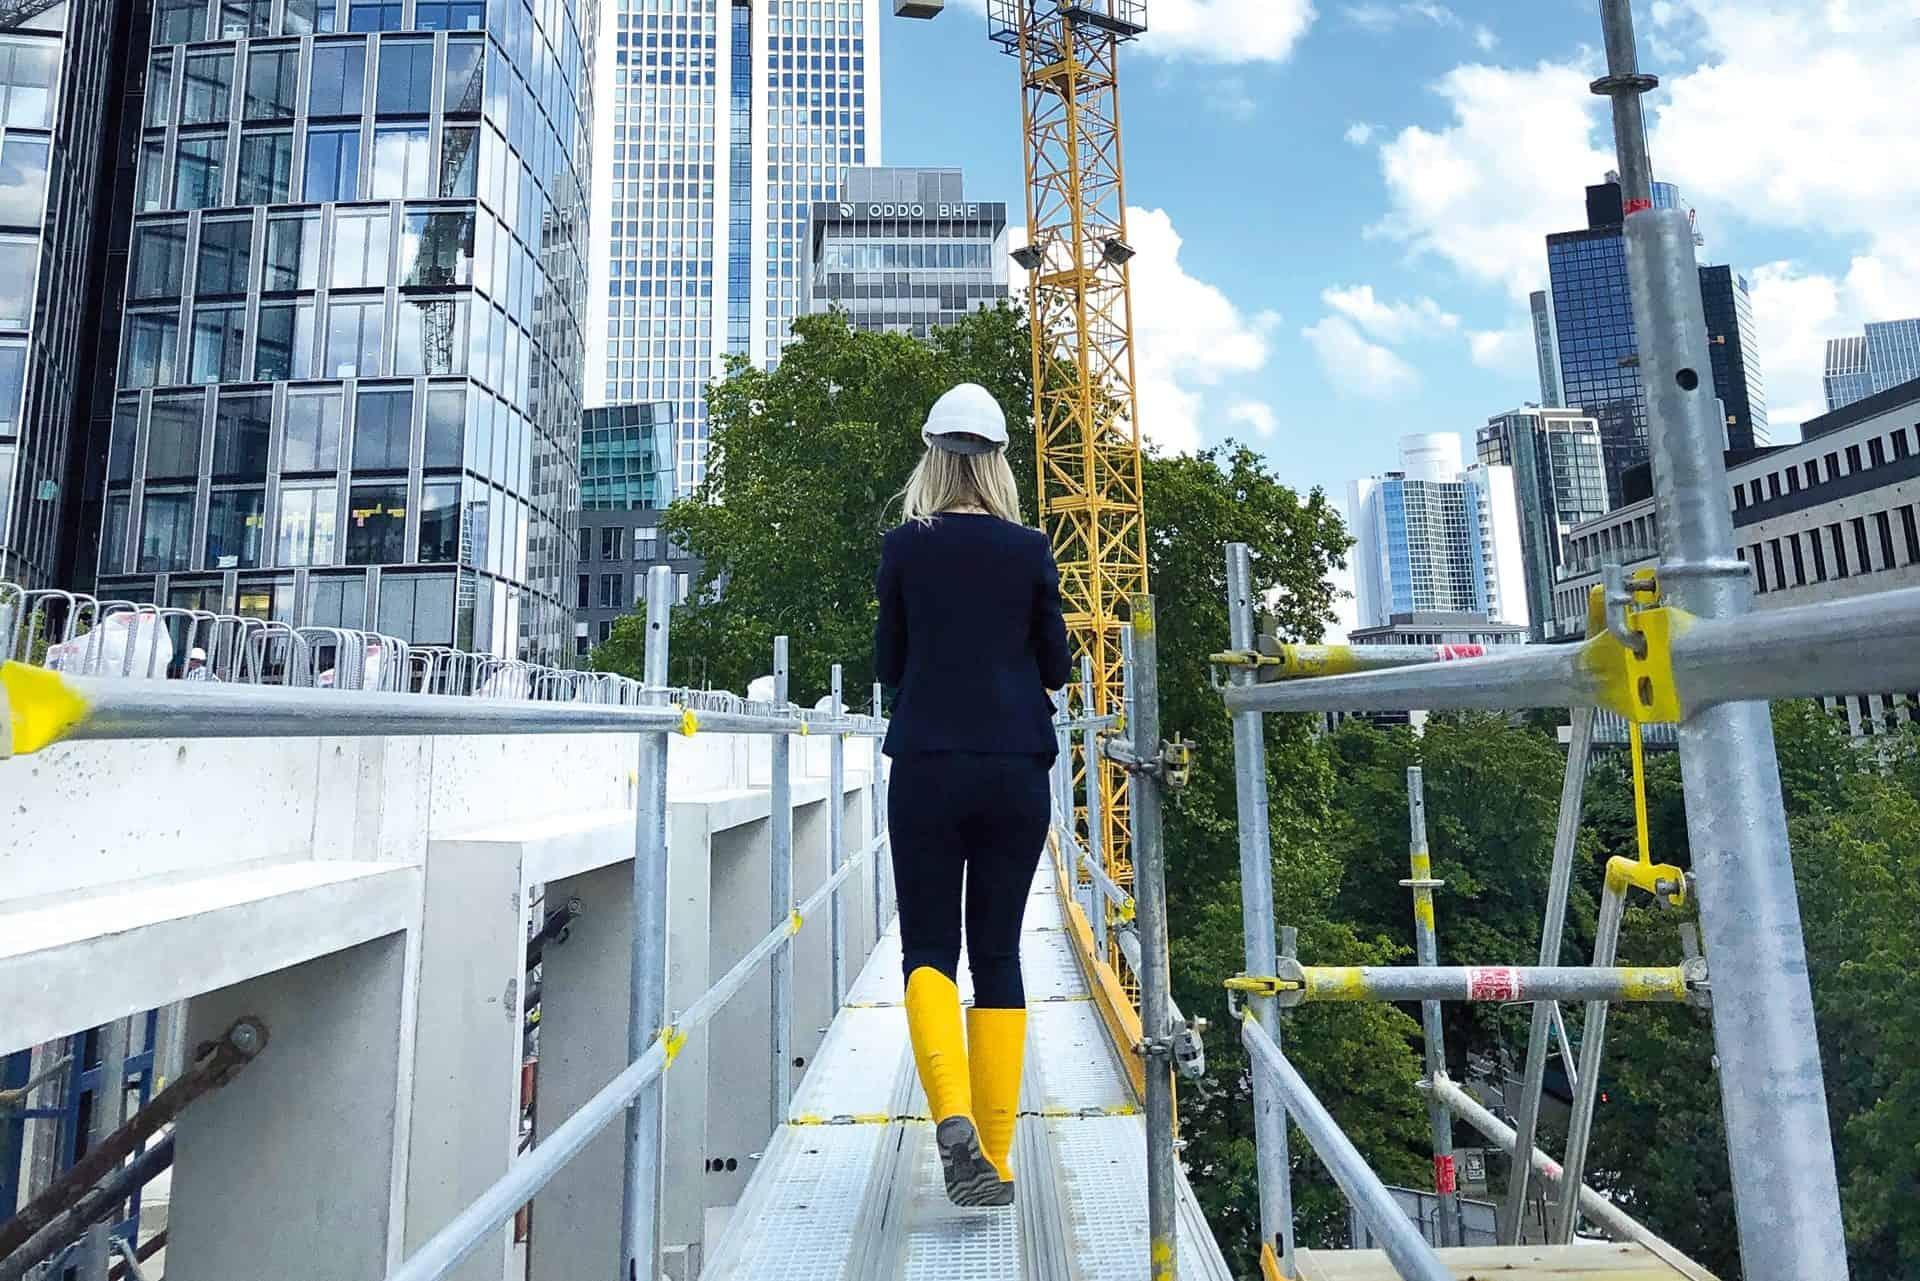 Eine Frau in gelben Gummistiefeln und weißem Sicherheitshelm läuft auf einem Baugerüst umgeben von den Dächern Frankfurts beim Bau des THE FLAG West M.